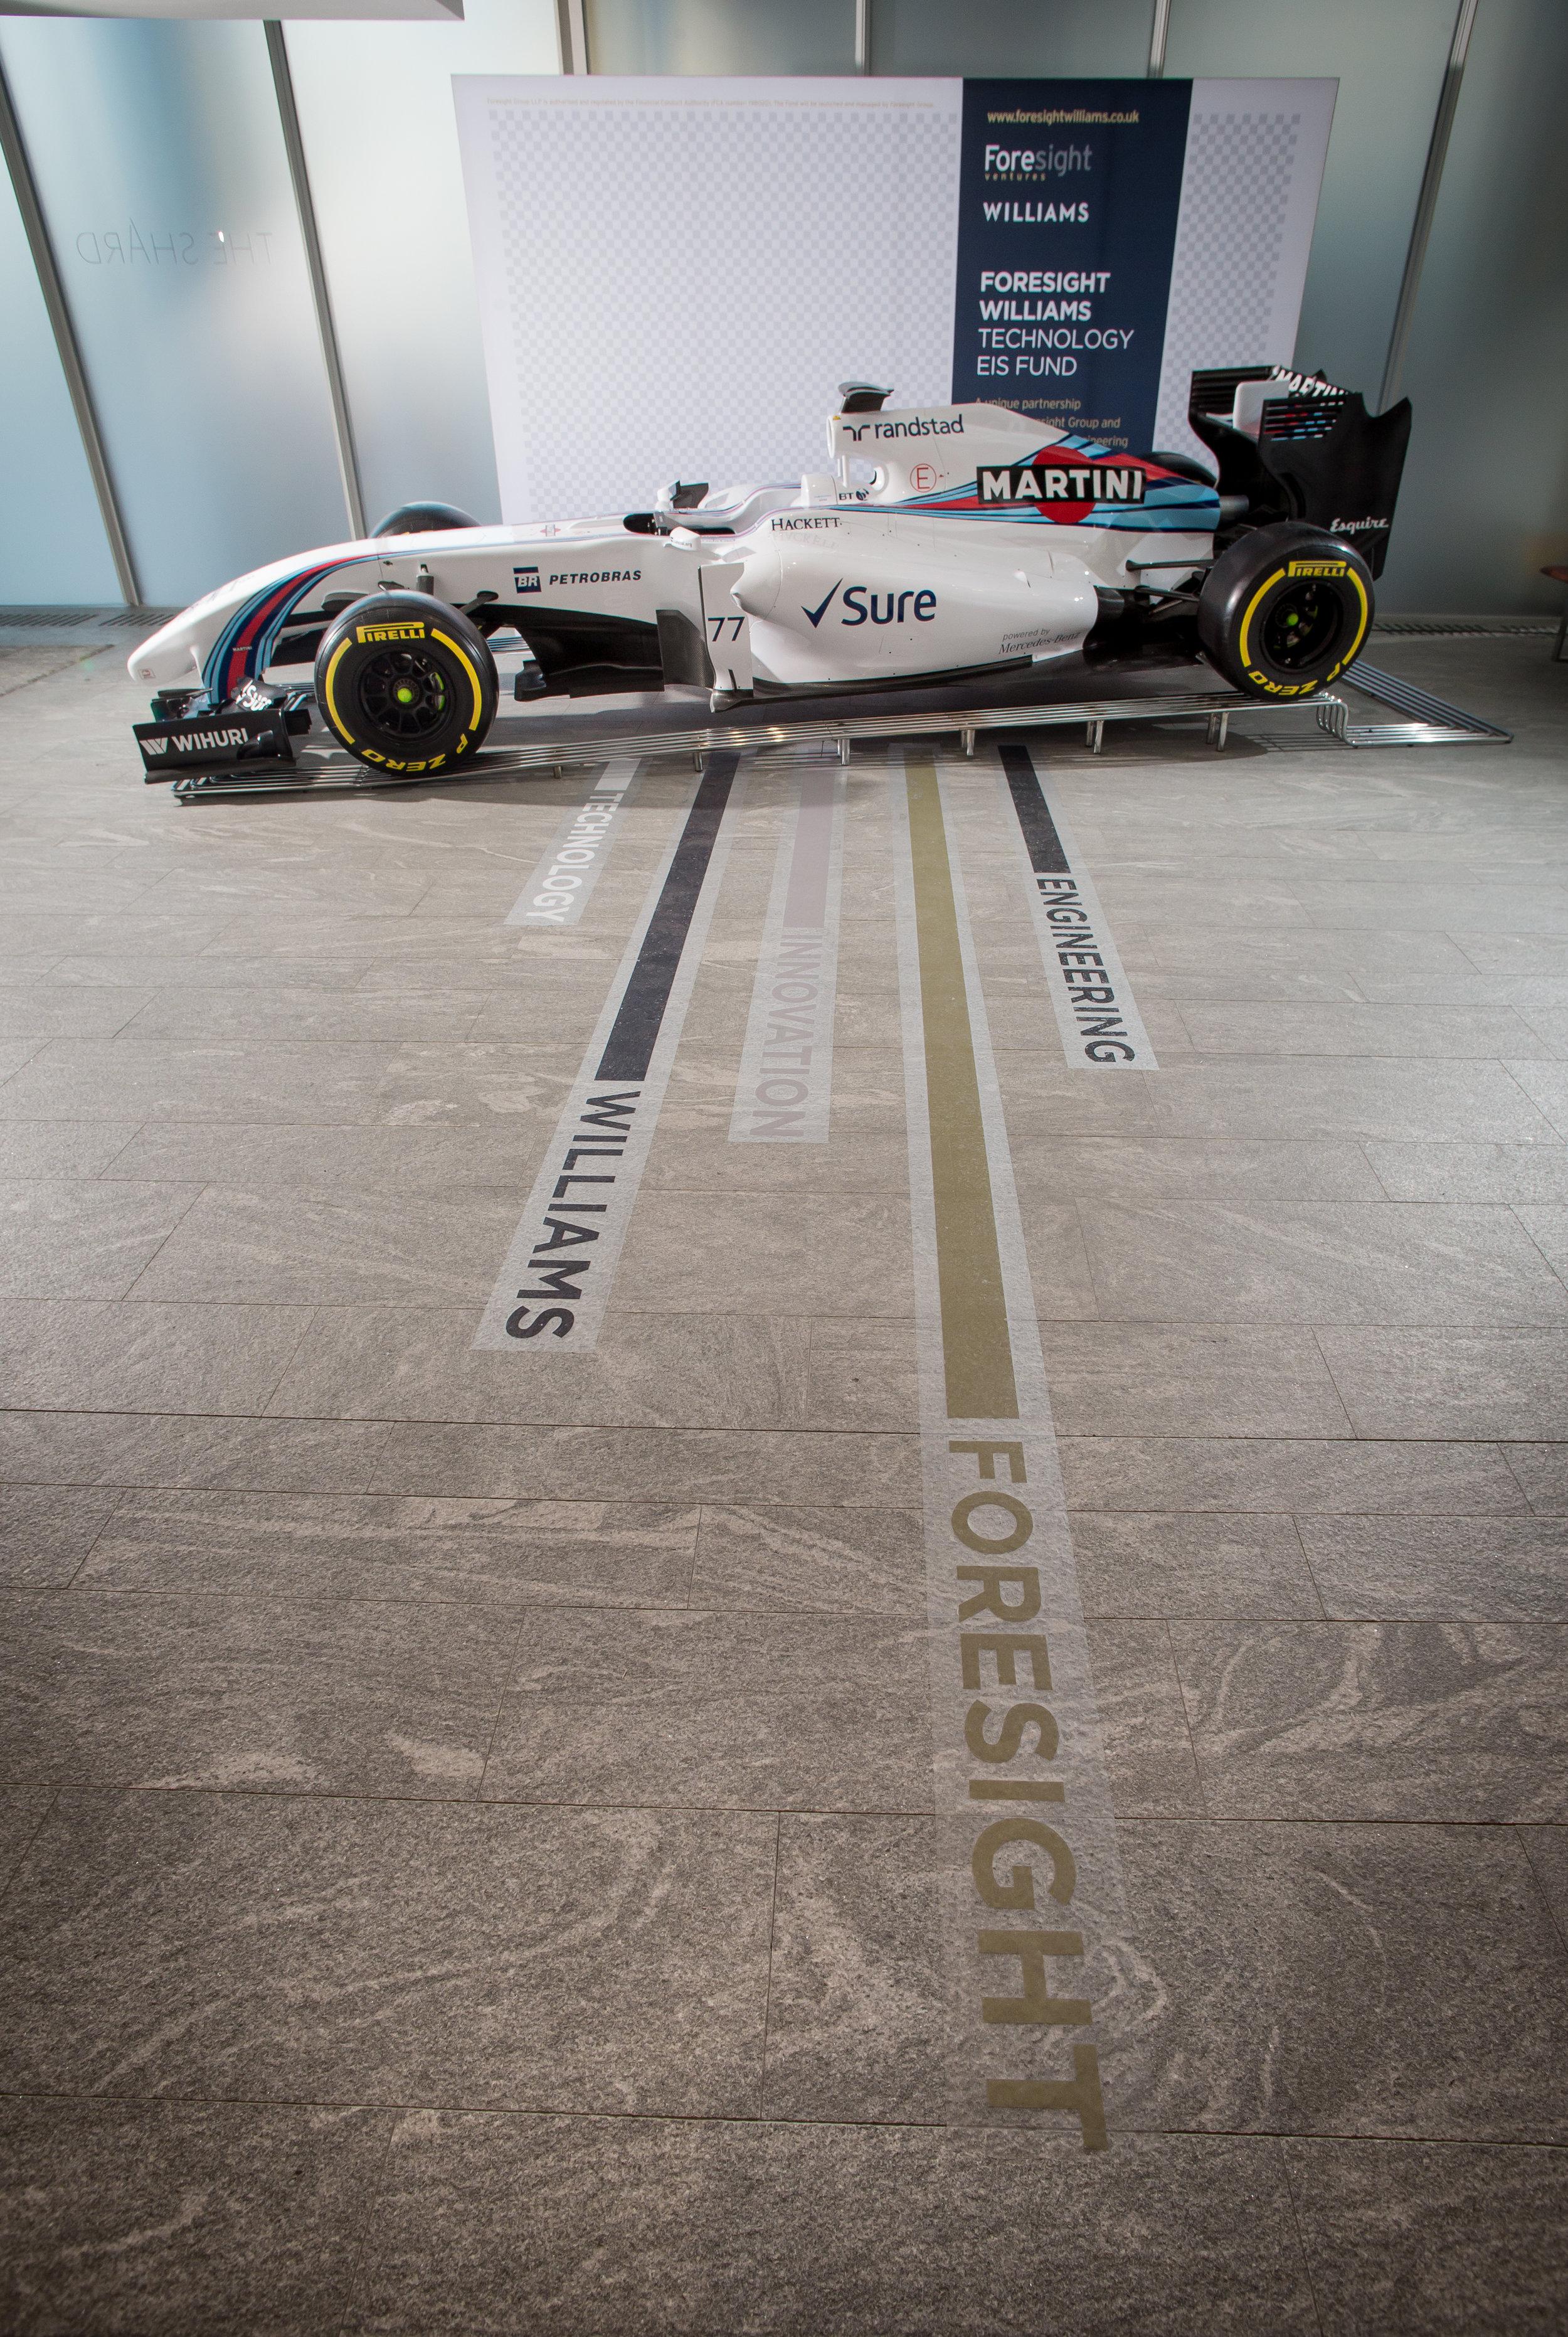 Foresight_Williams_F1_Car-6.jpg